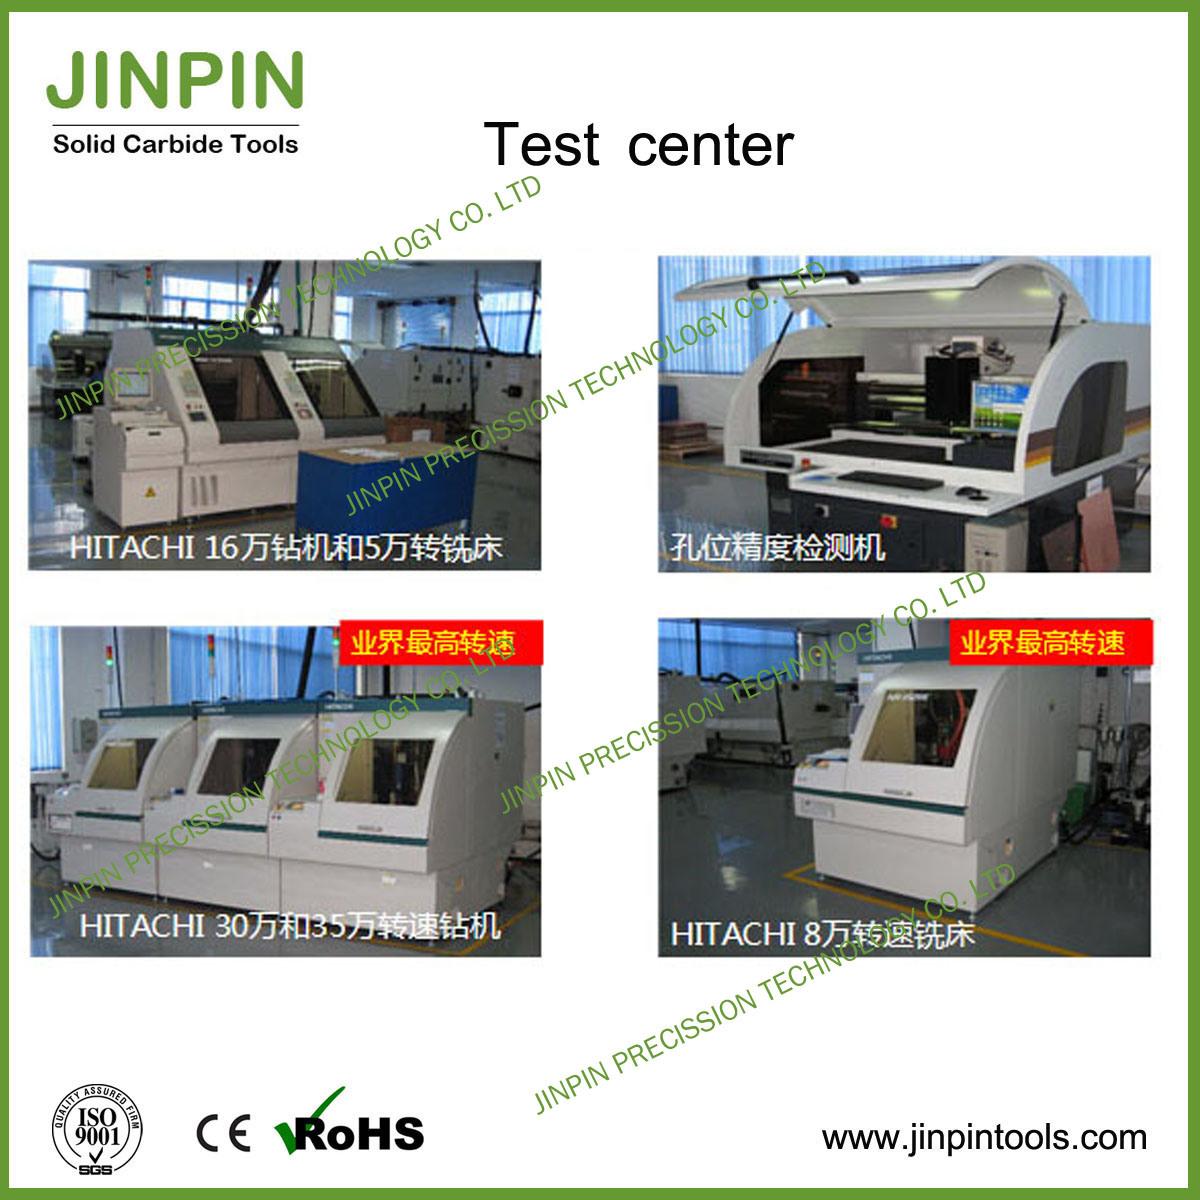 China Mainland Factory for Carbide Burrs